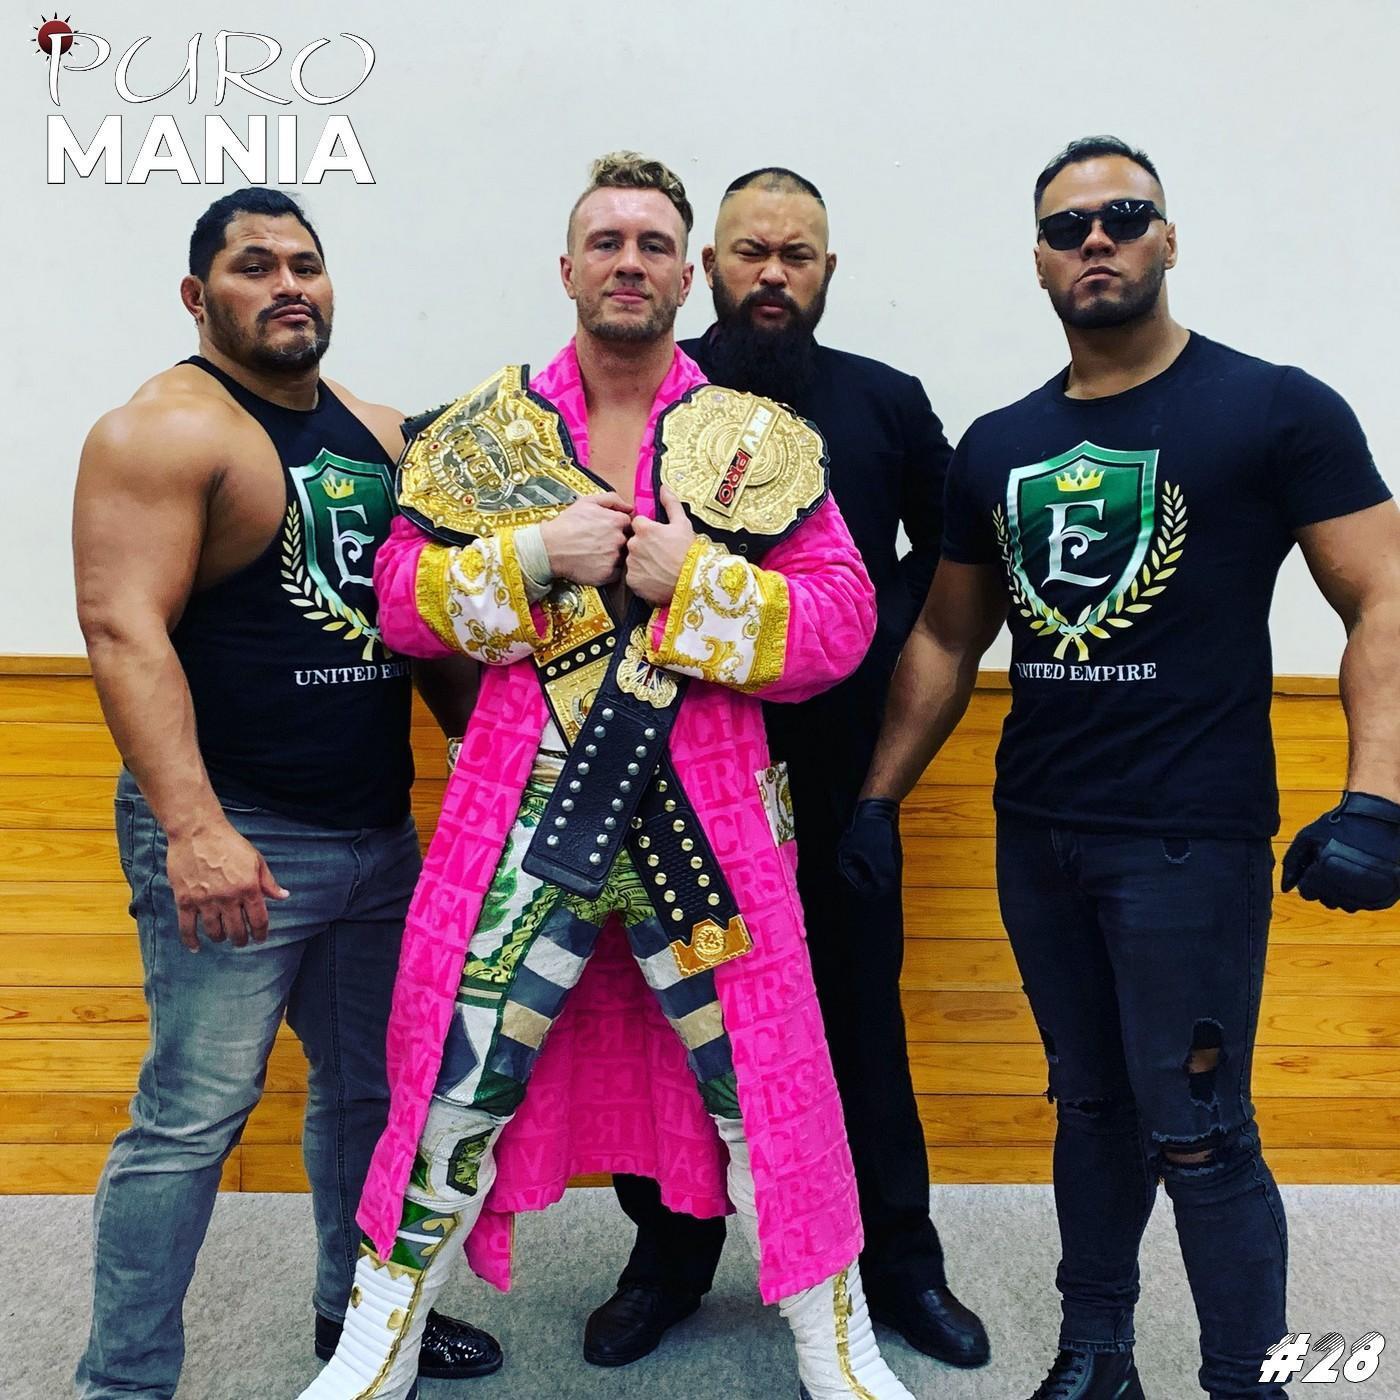 Puromania #28 : NJPW Sakura Genesis 2021 + DDT Judgement 2021 ~ DDT 24th Anniversary